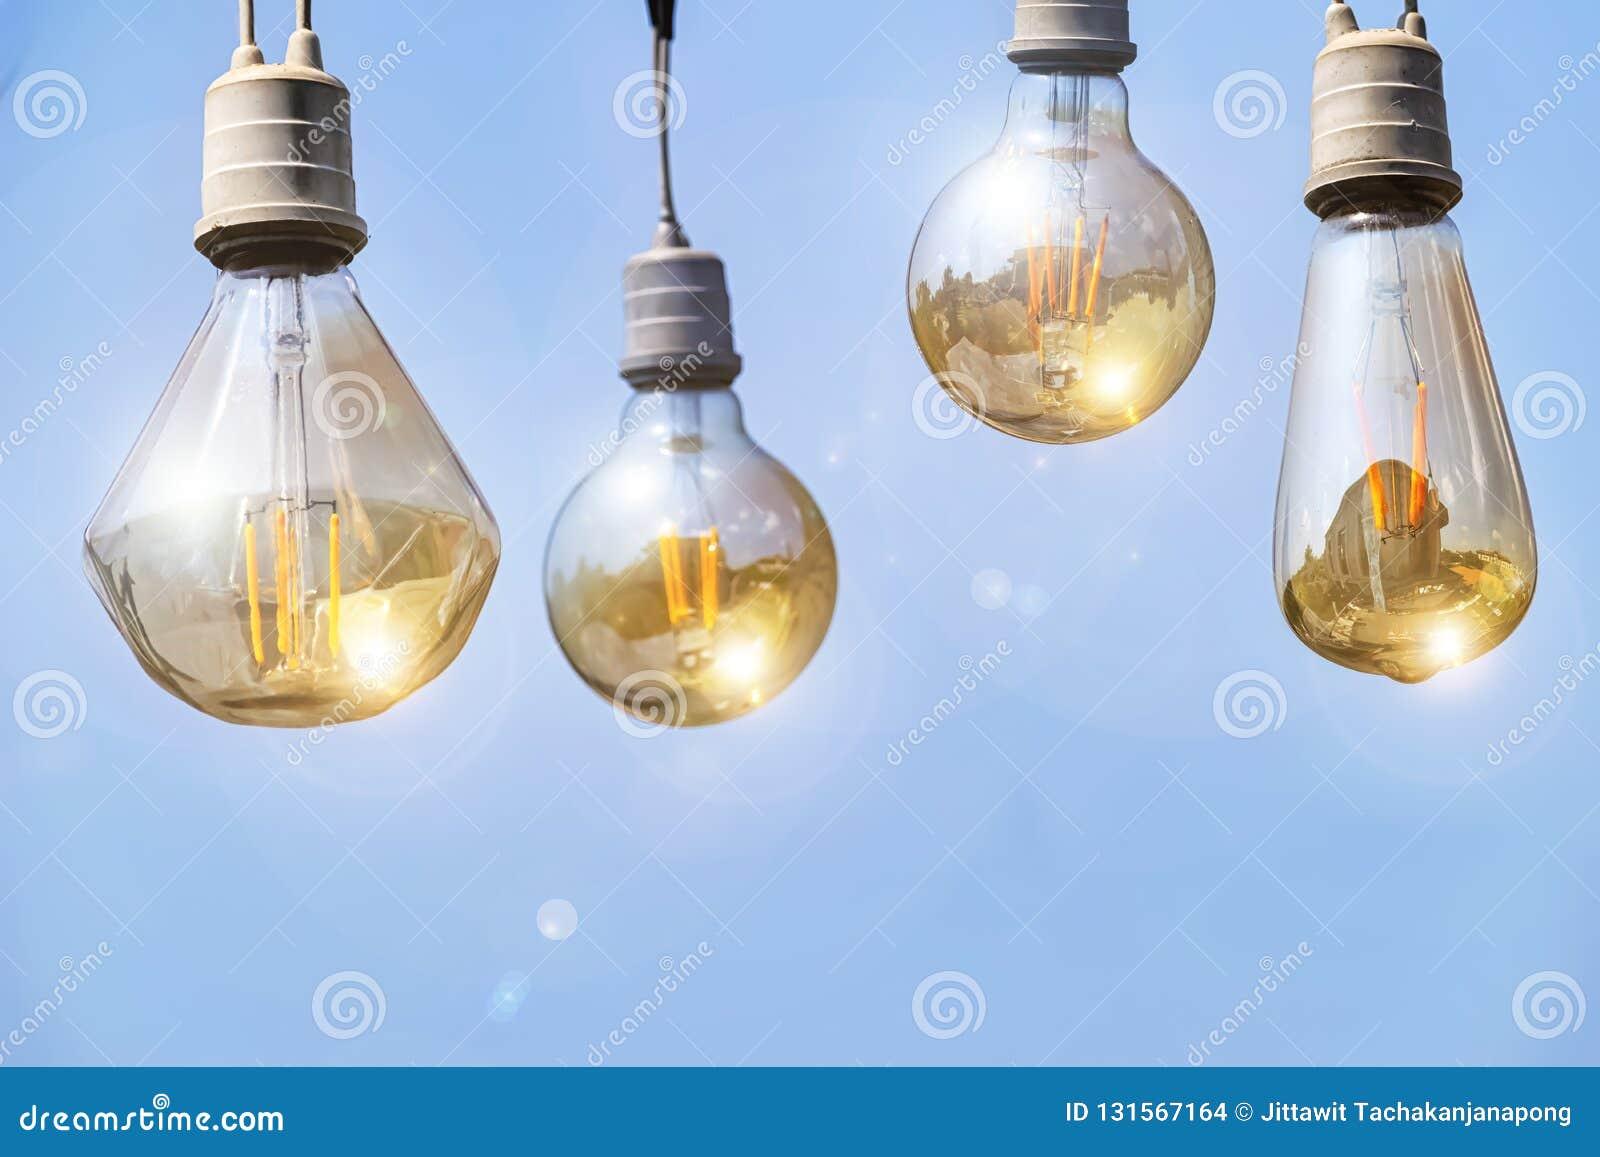 24510e5f07 Concepto de la energía La iluminación es qué hombre quiere La bombilla es  qué nos da ligeros Reflejado con el sol hasta el fenómeno del resplandor